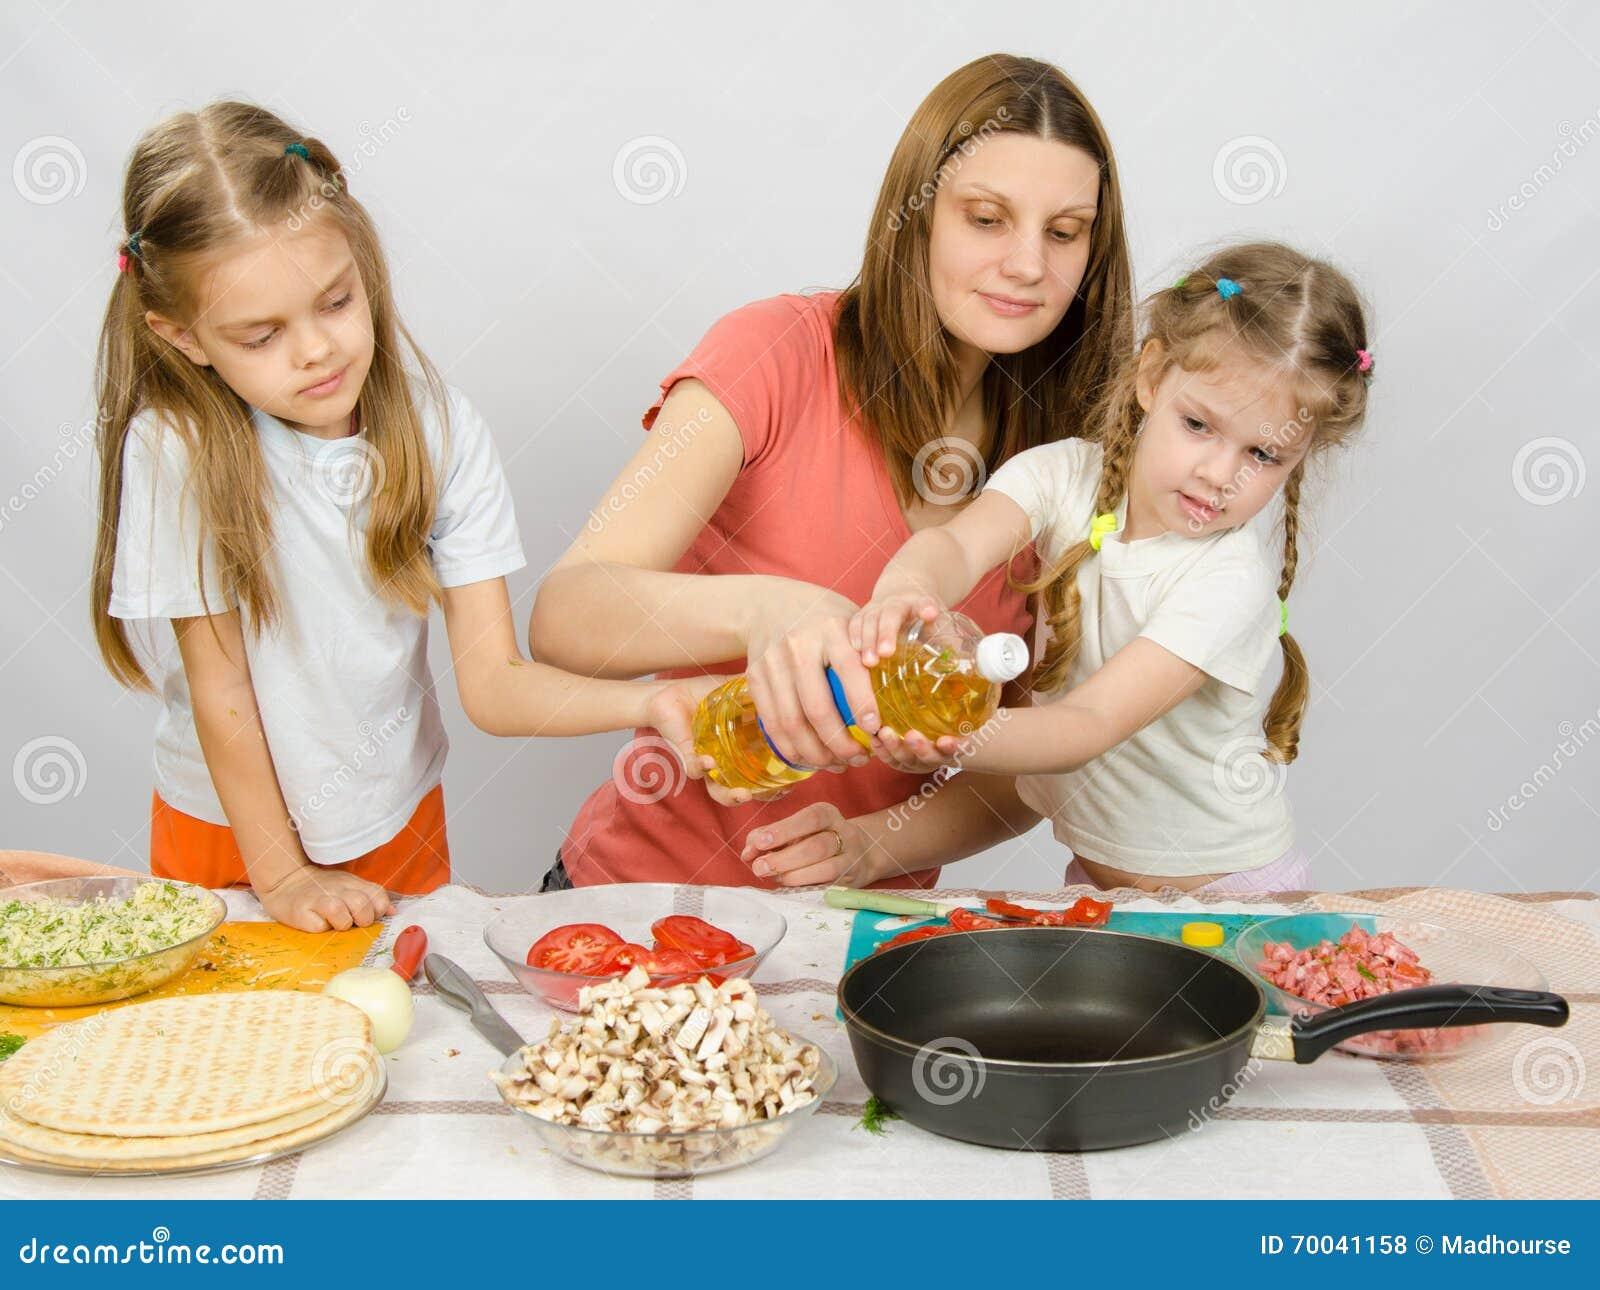 deux petites filles la table de cuisine avec. Black Bedroom Furniture Sets. Home Design Ideas